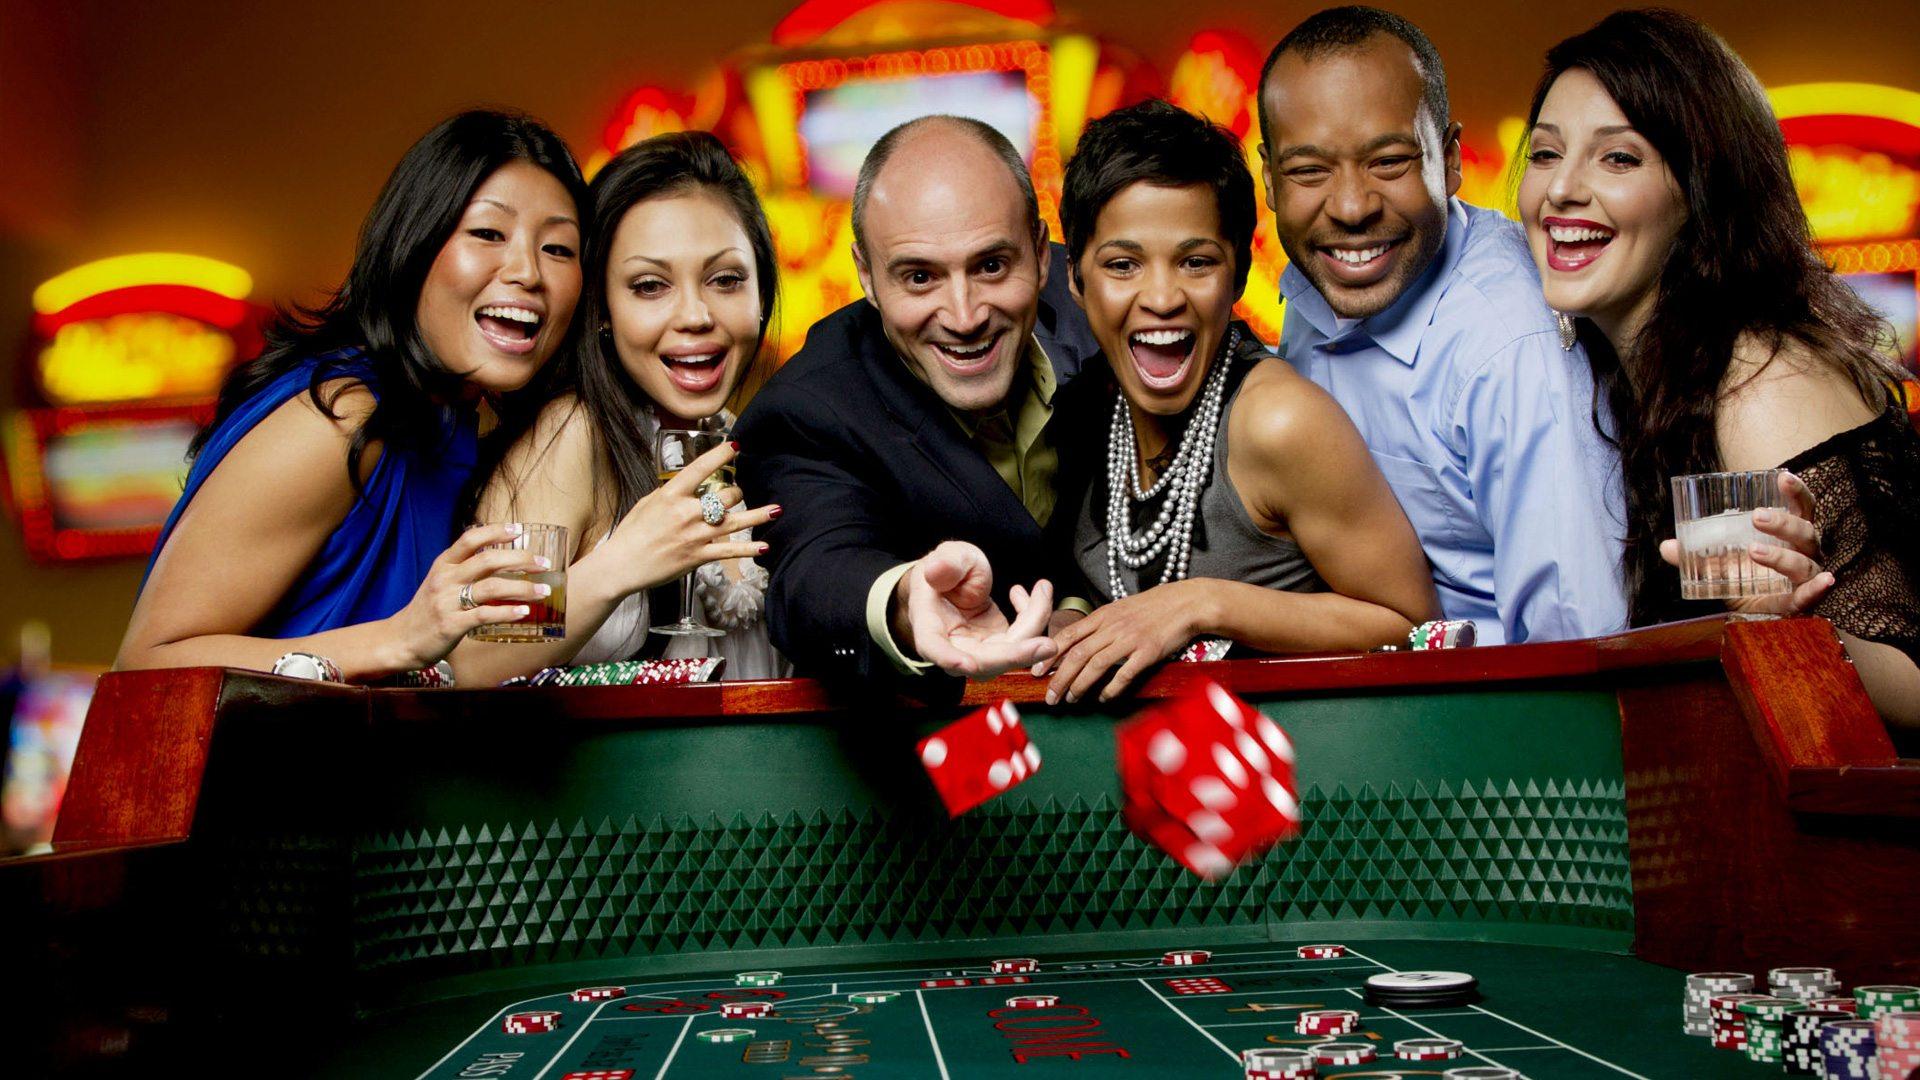 сообщество игроков казино